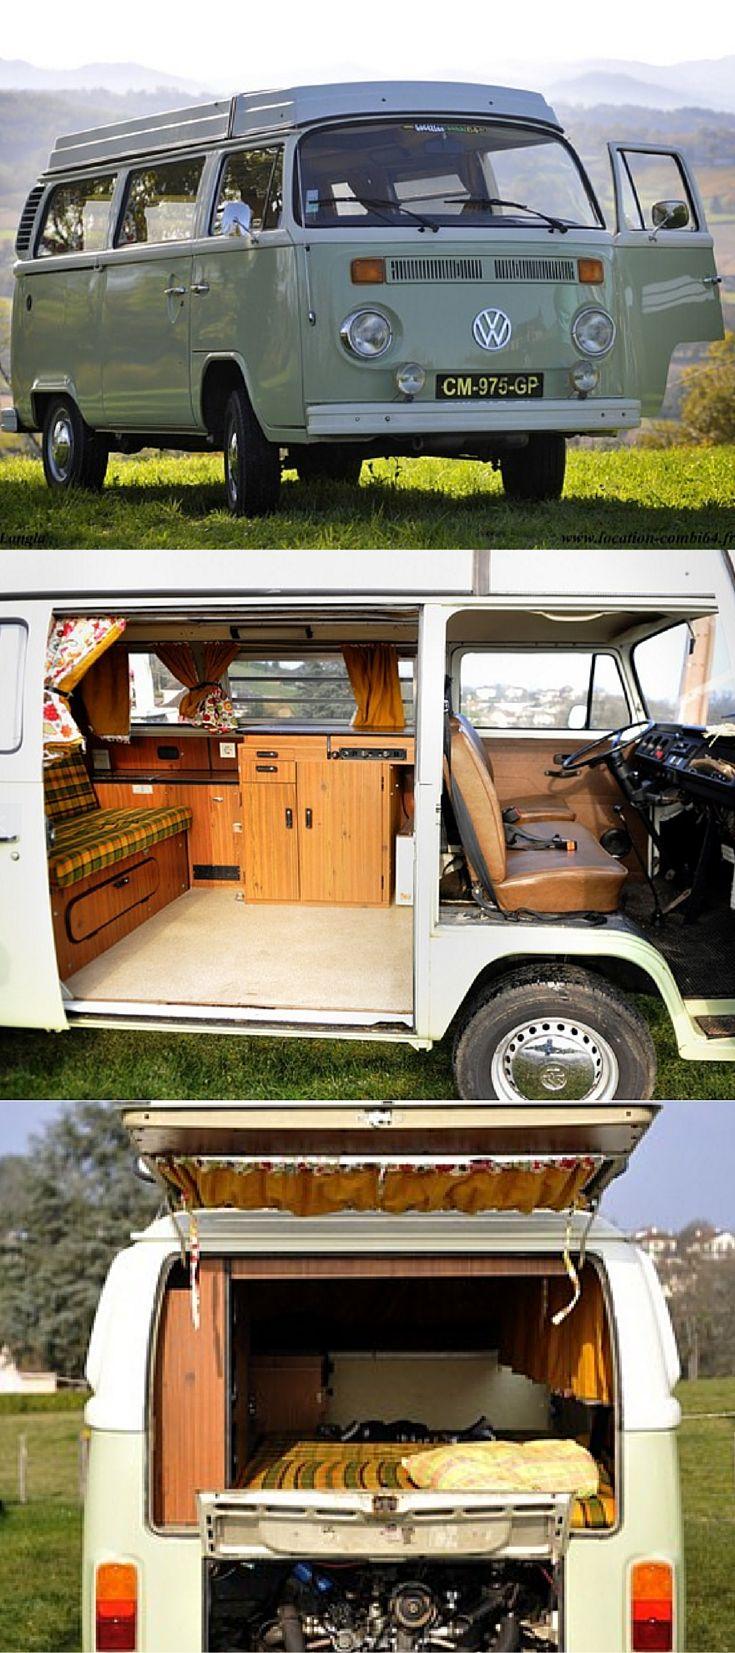 1977 VW Combi with pop-top roof